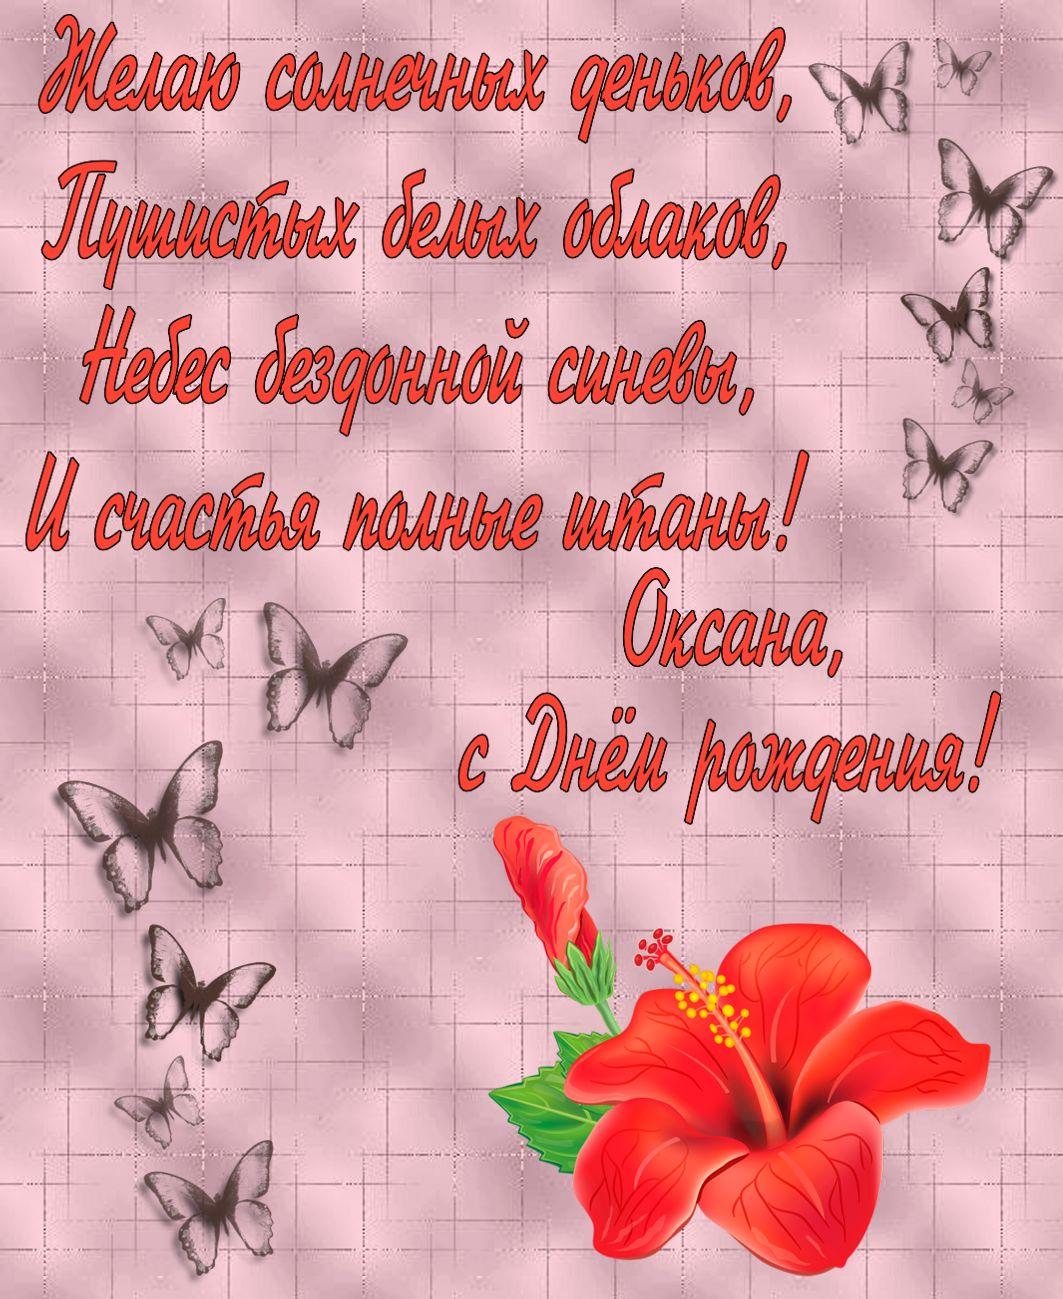 Открытка - красивое пожелание с бабочками для Оксаны